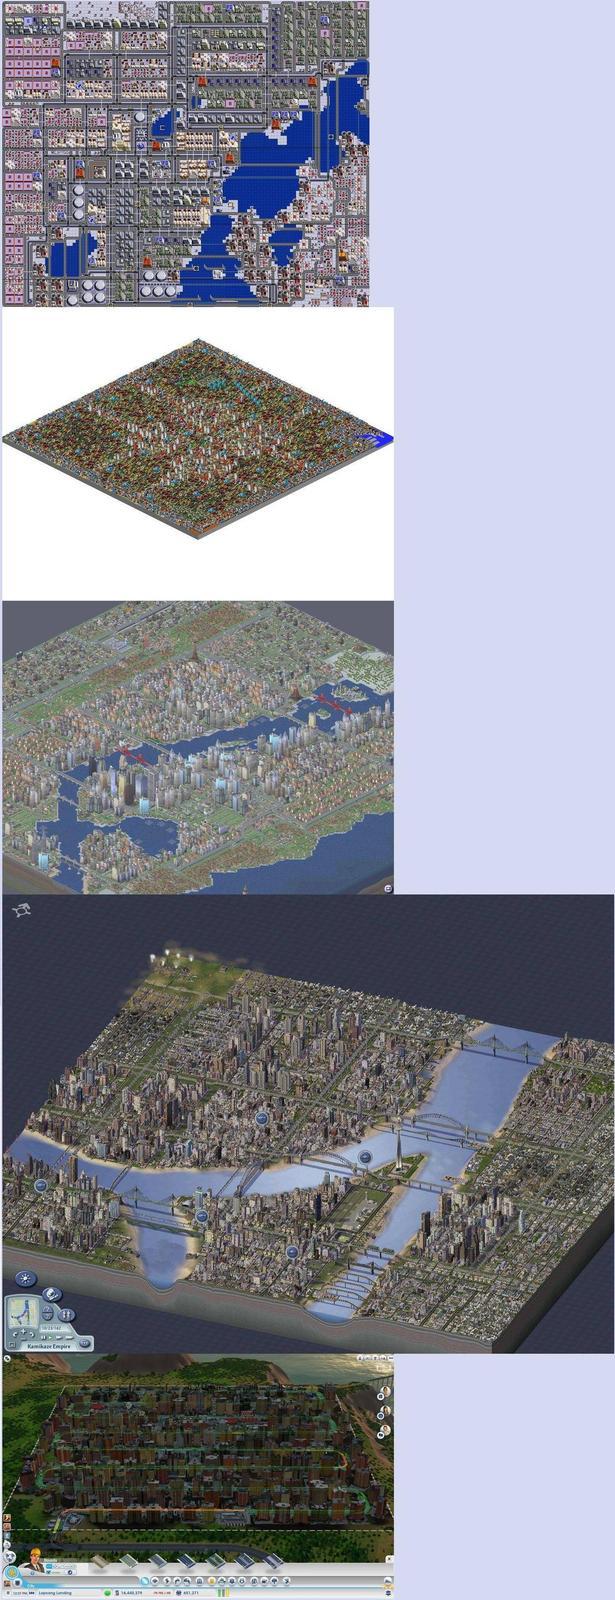 A Comparison of city sizes